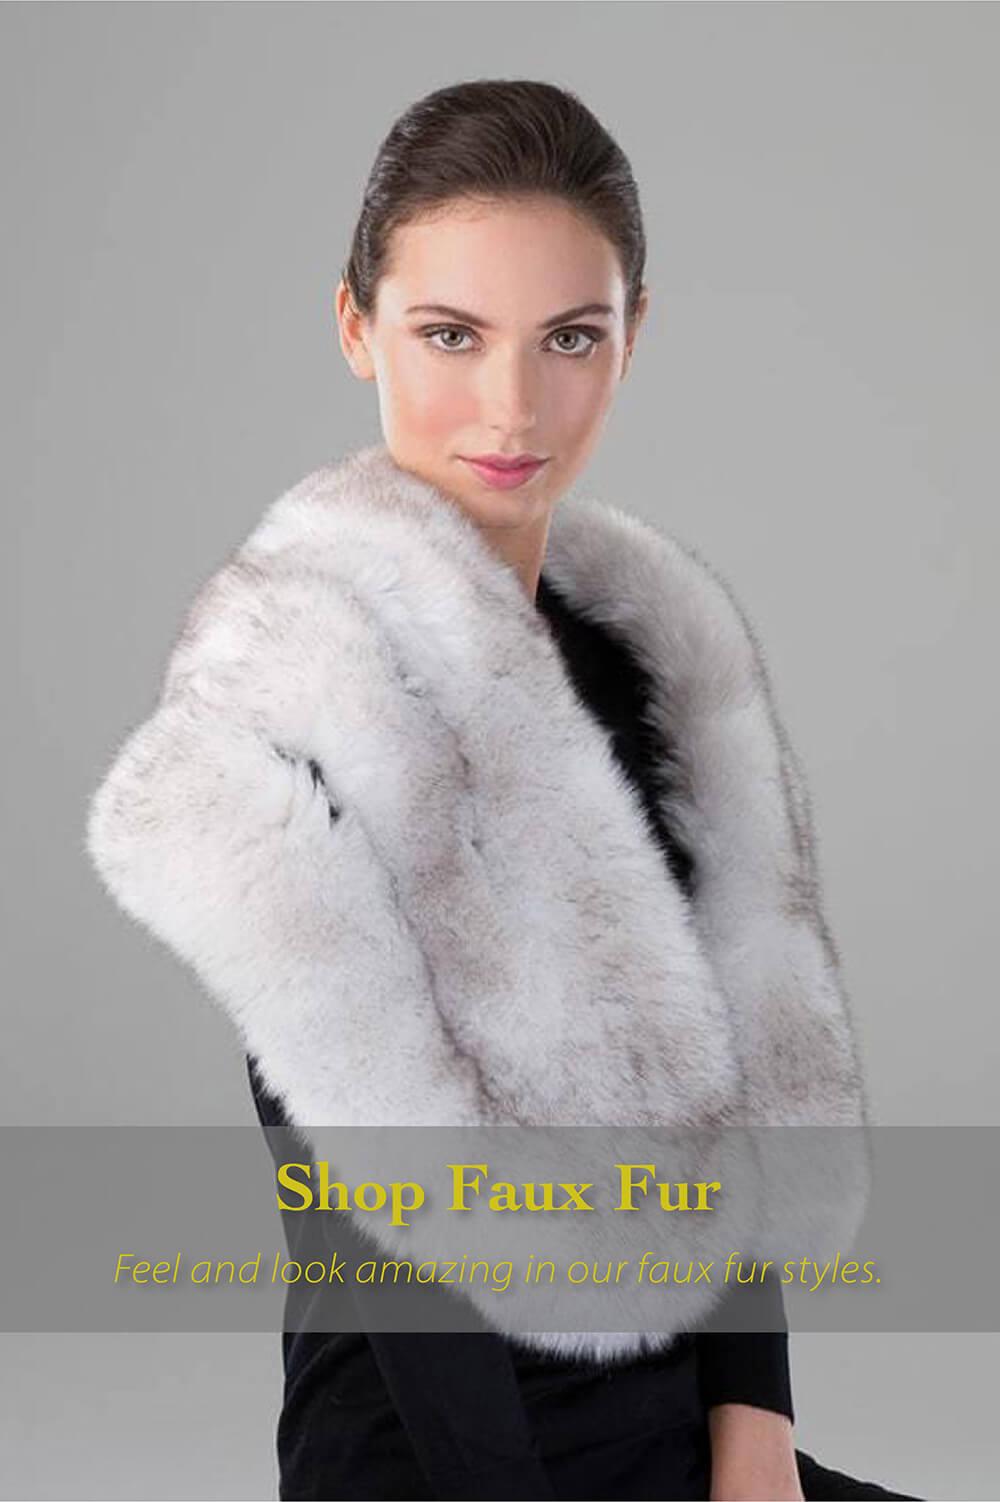 Shop Faux Fur Accessories